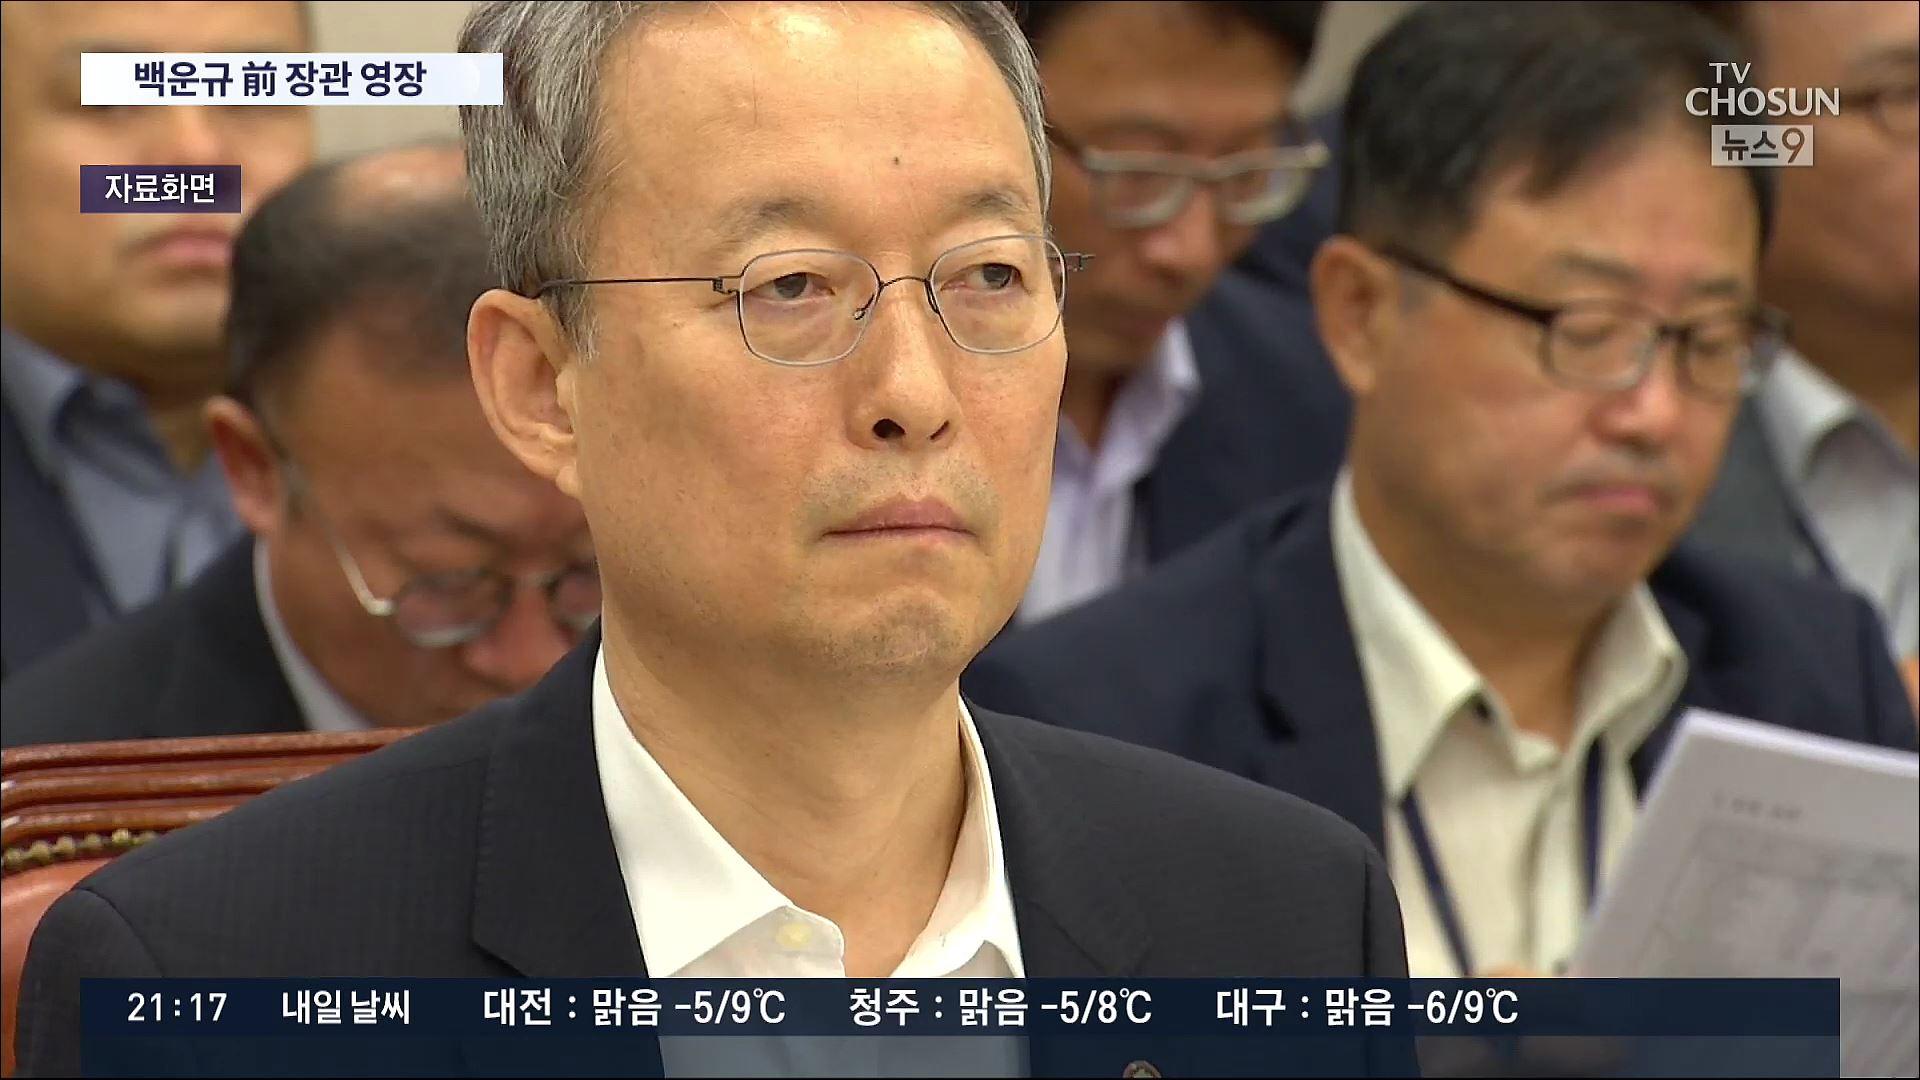 檢, 백운규 구속영장 청구…월성원전 윗선 수사 본격화